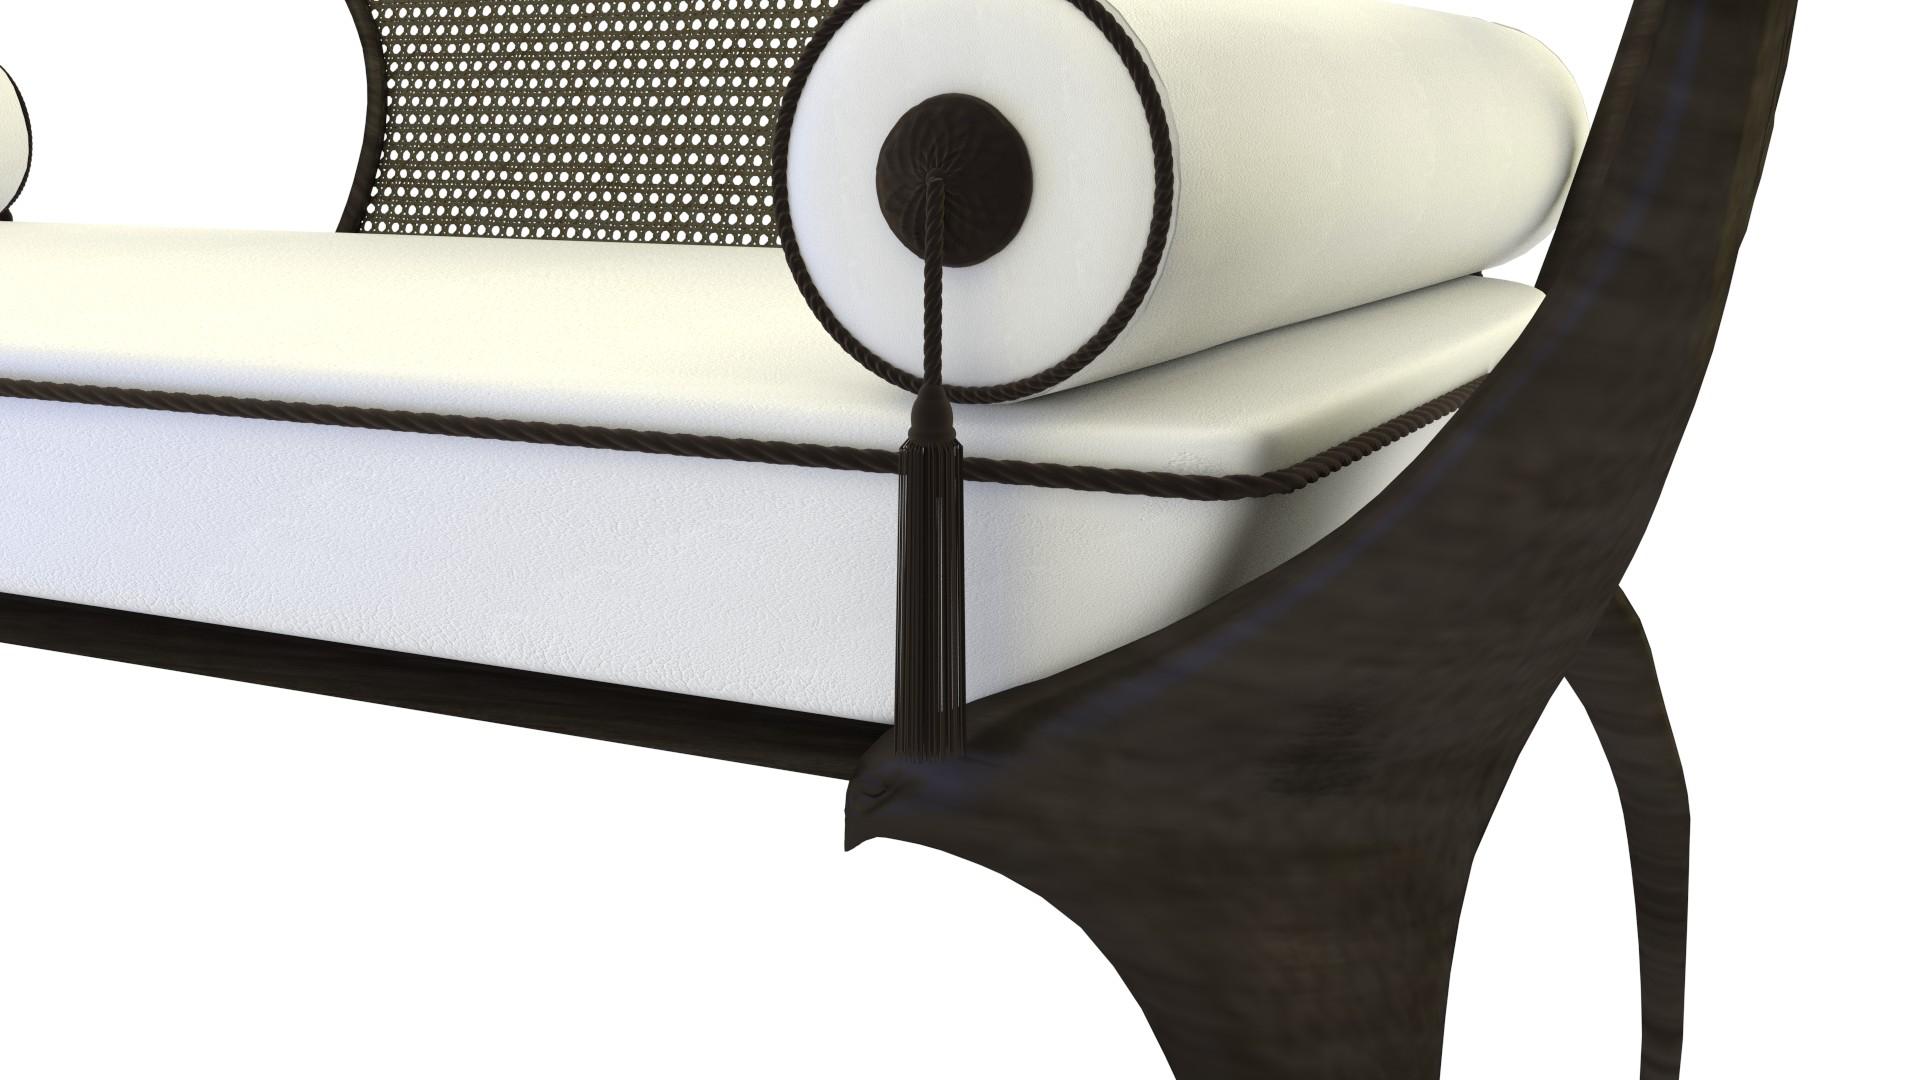 damien pons 3D modélisation canapé